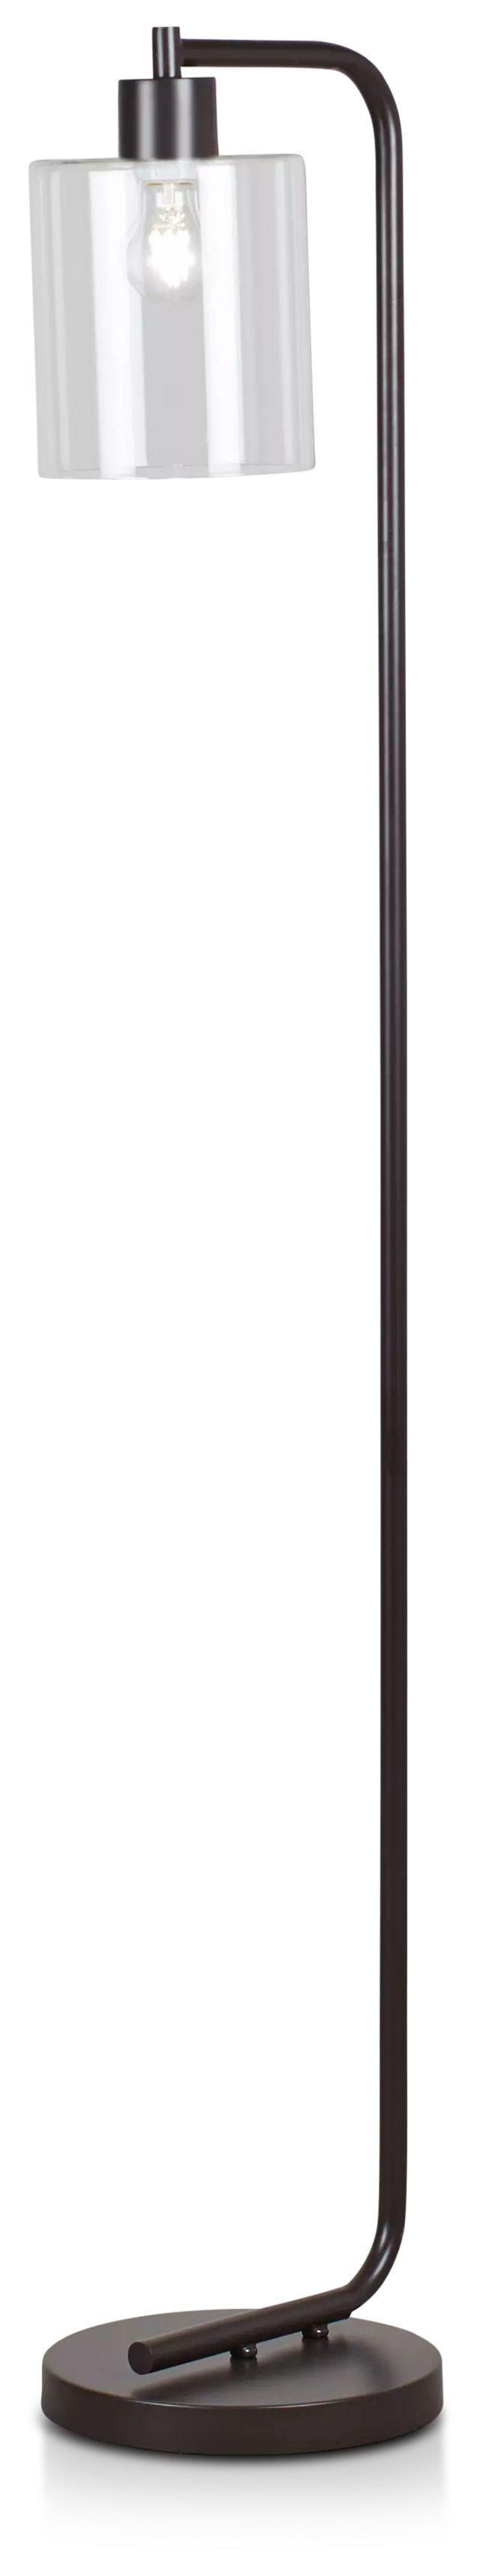 Maxwell Black Metal Floor Lamp (1)